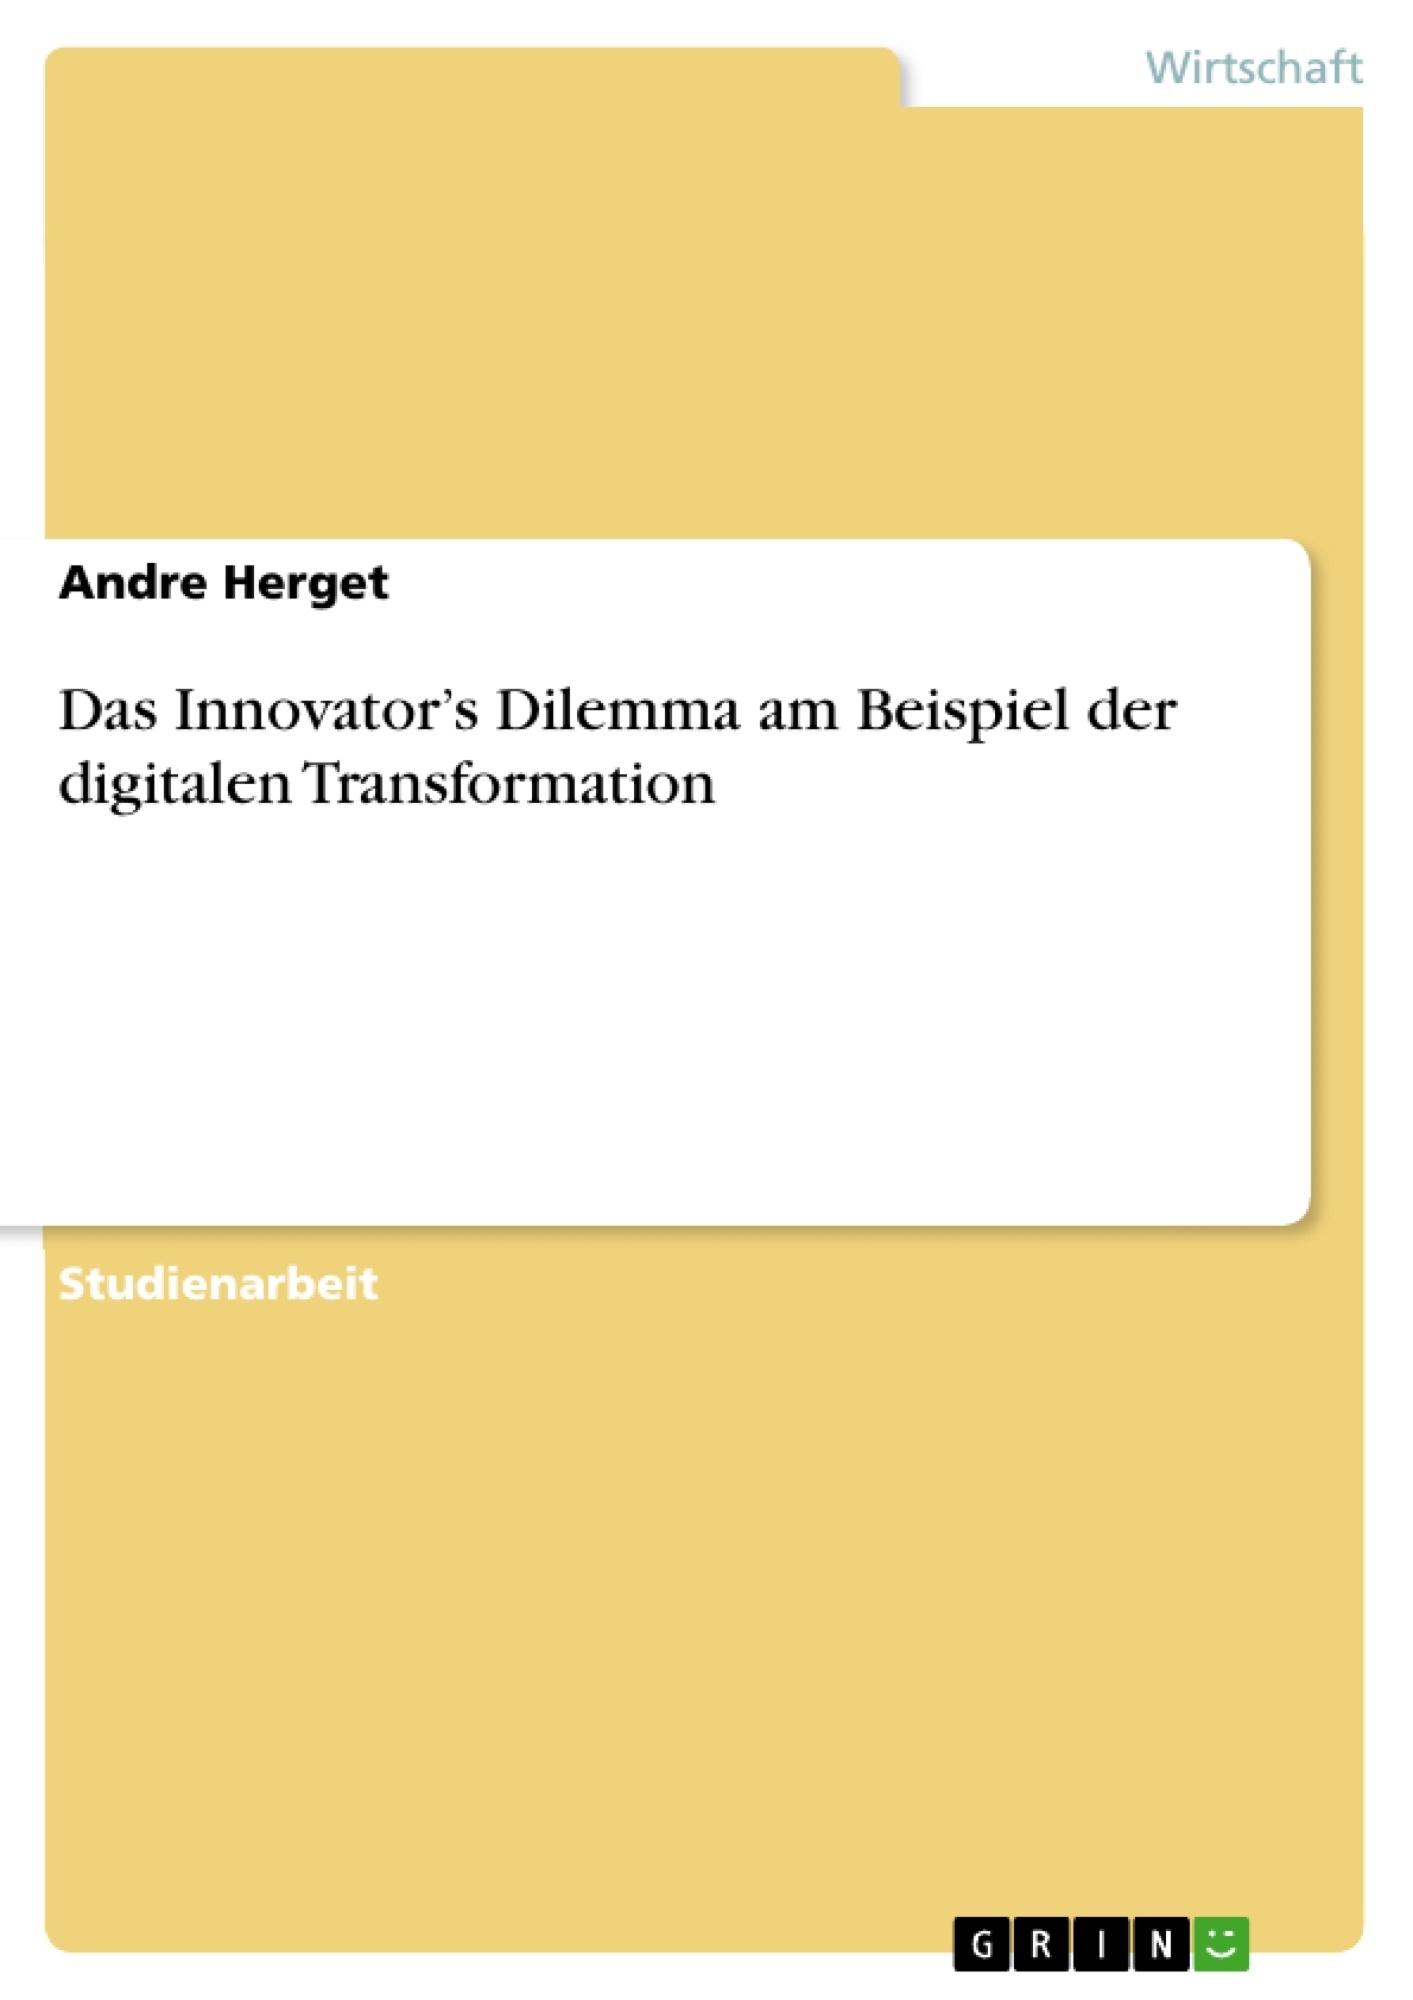 Titel: Das Innovator's Dilemma am Beispiel der digitalen Transformation